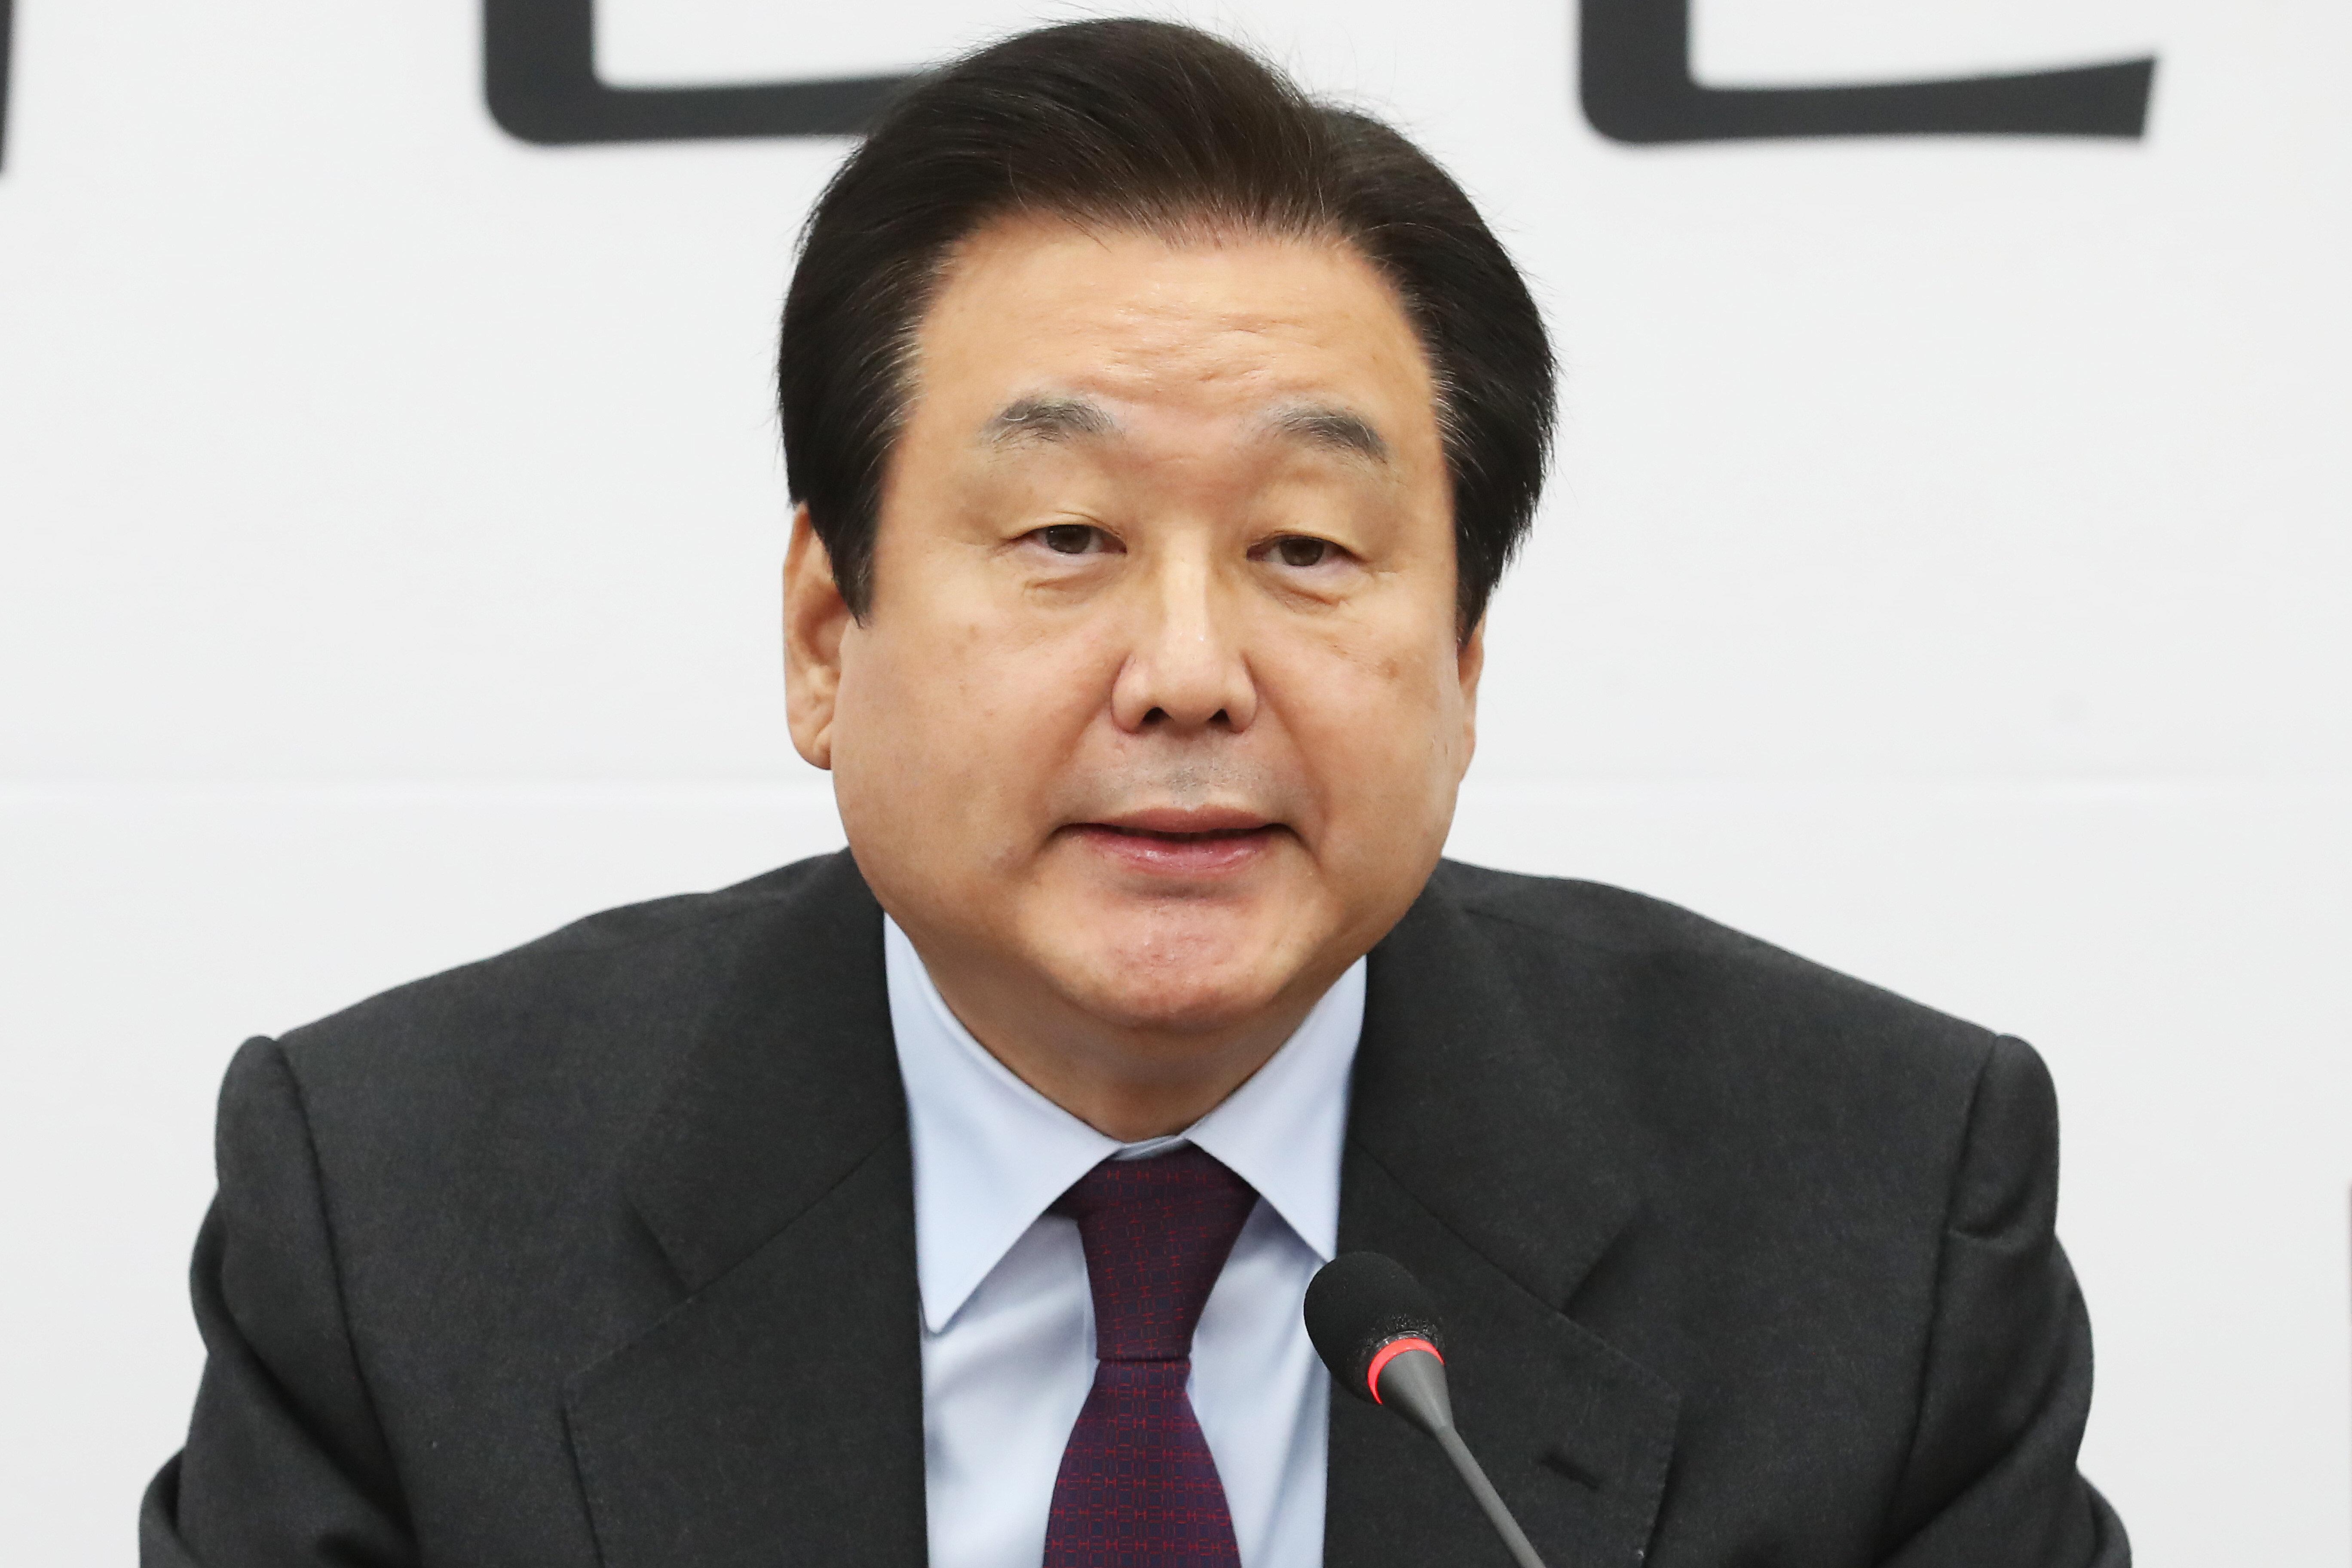 여야4당이 김무성의 '청와대 폭파' 발언에 일제히 논평을